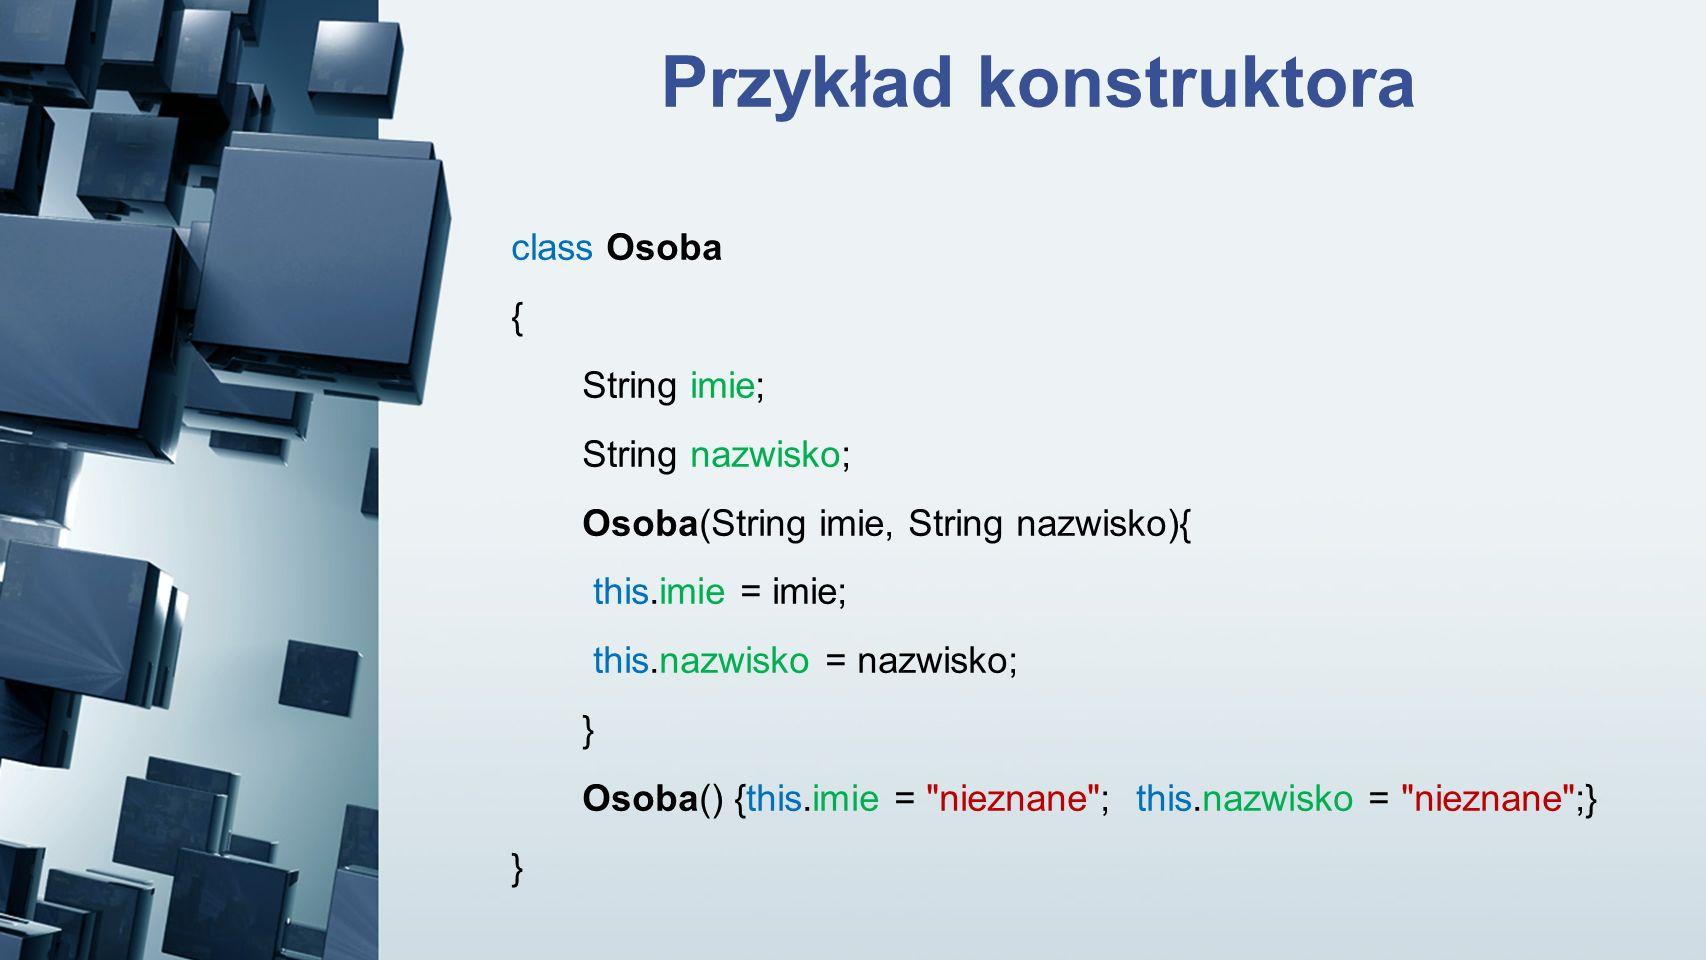 Przykład konstruktora class Osoba { String imie; String nazwisko; Osoba(String imie, String nazwisko){ this.imie = imie; this.nazwisko = nazwisko; } O